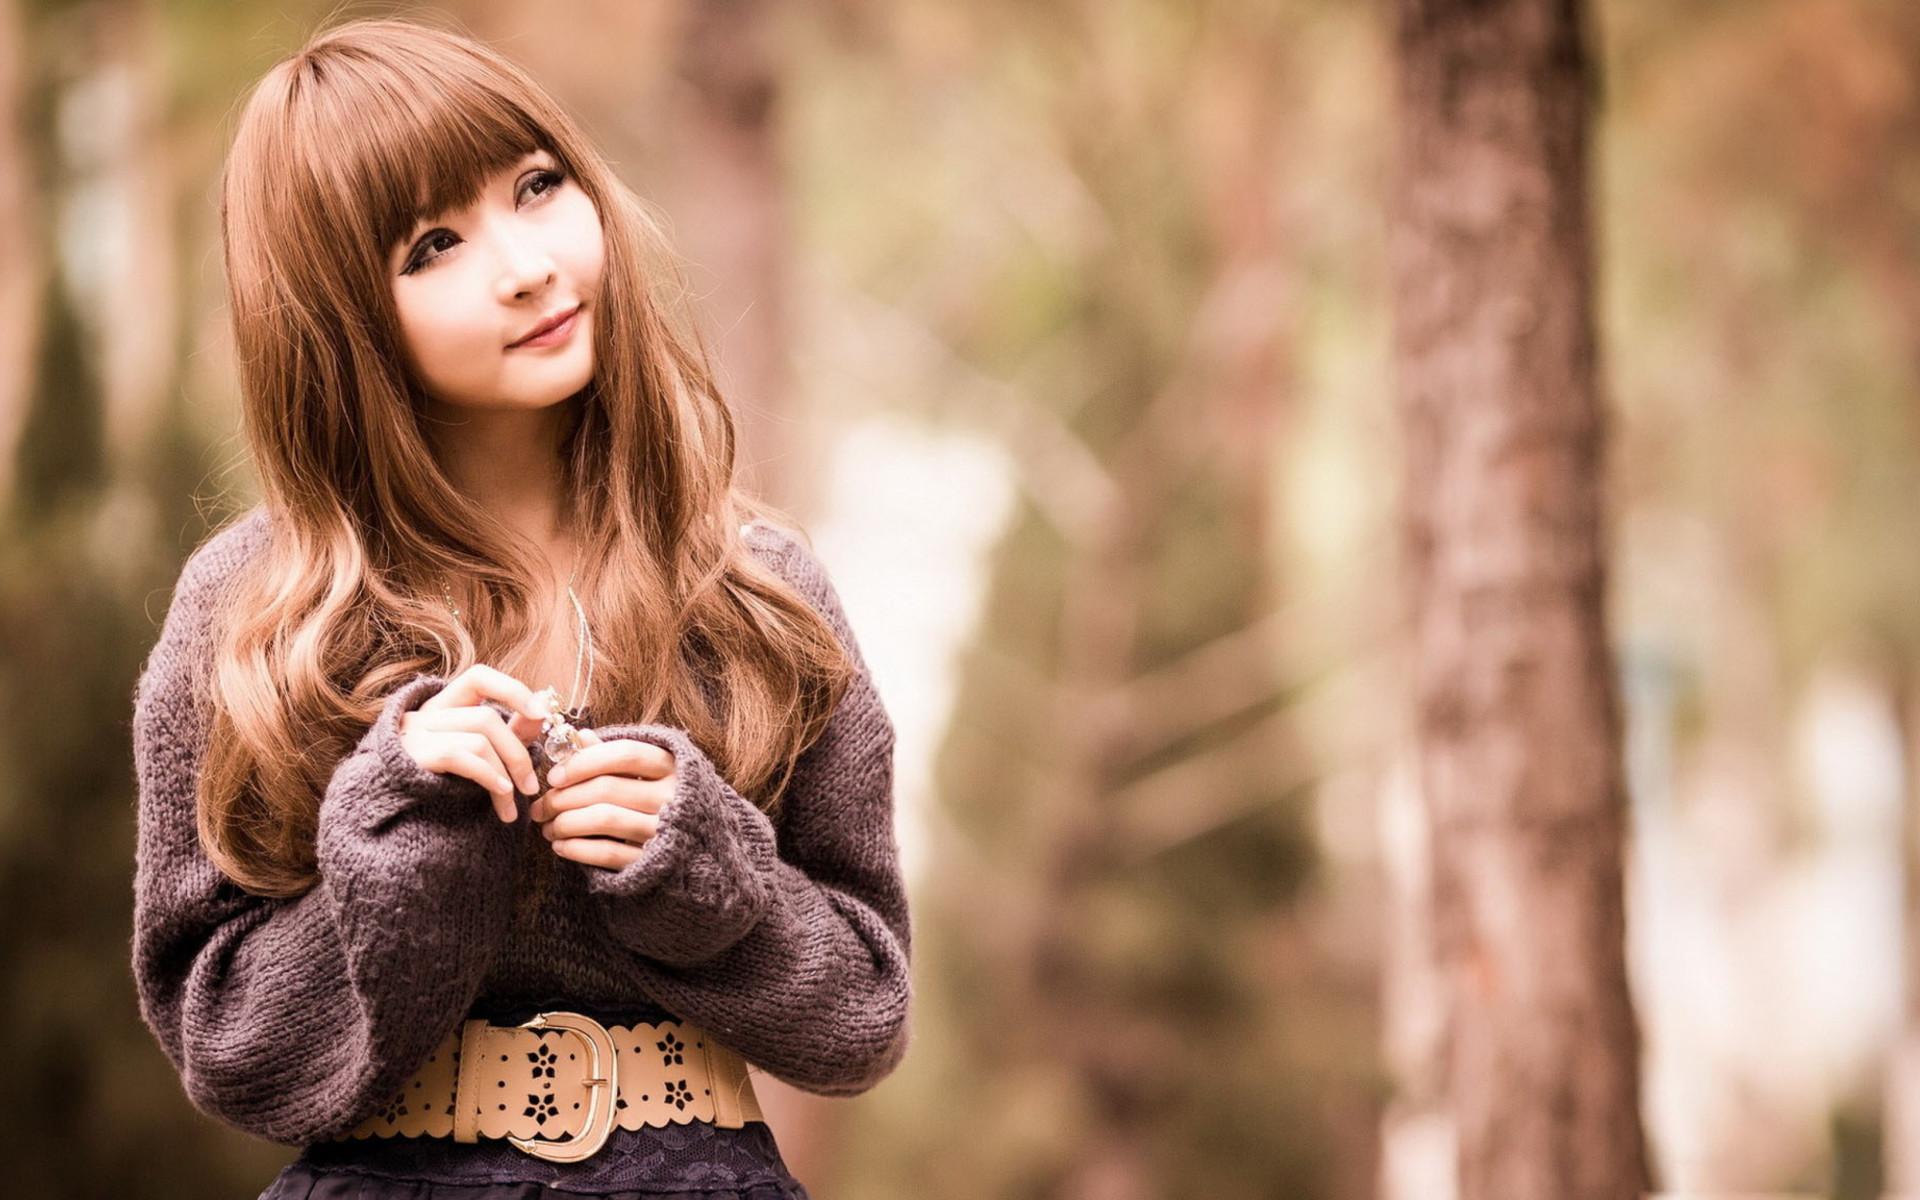 Cutest Asian Girls Wallpapers